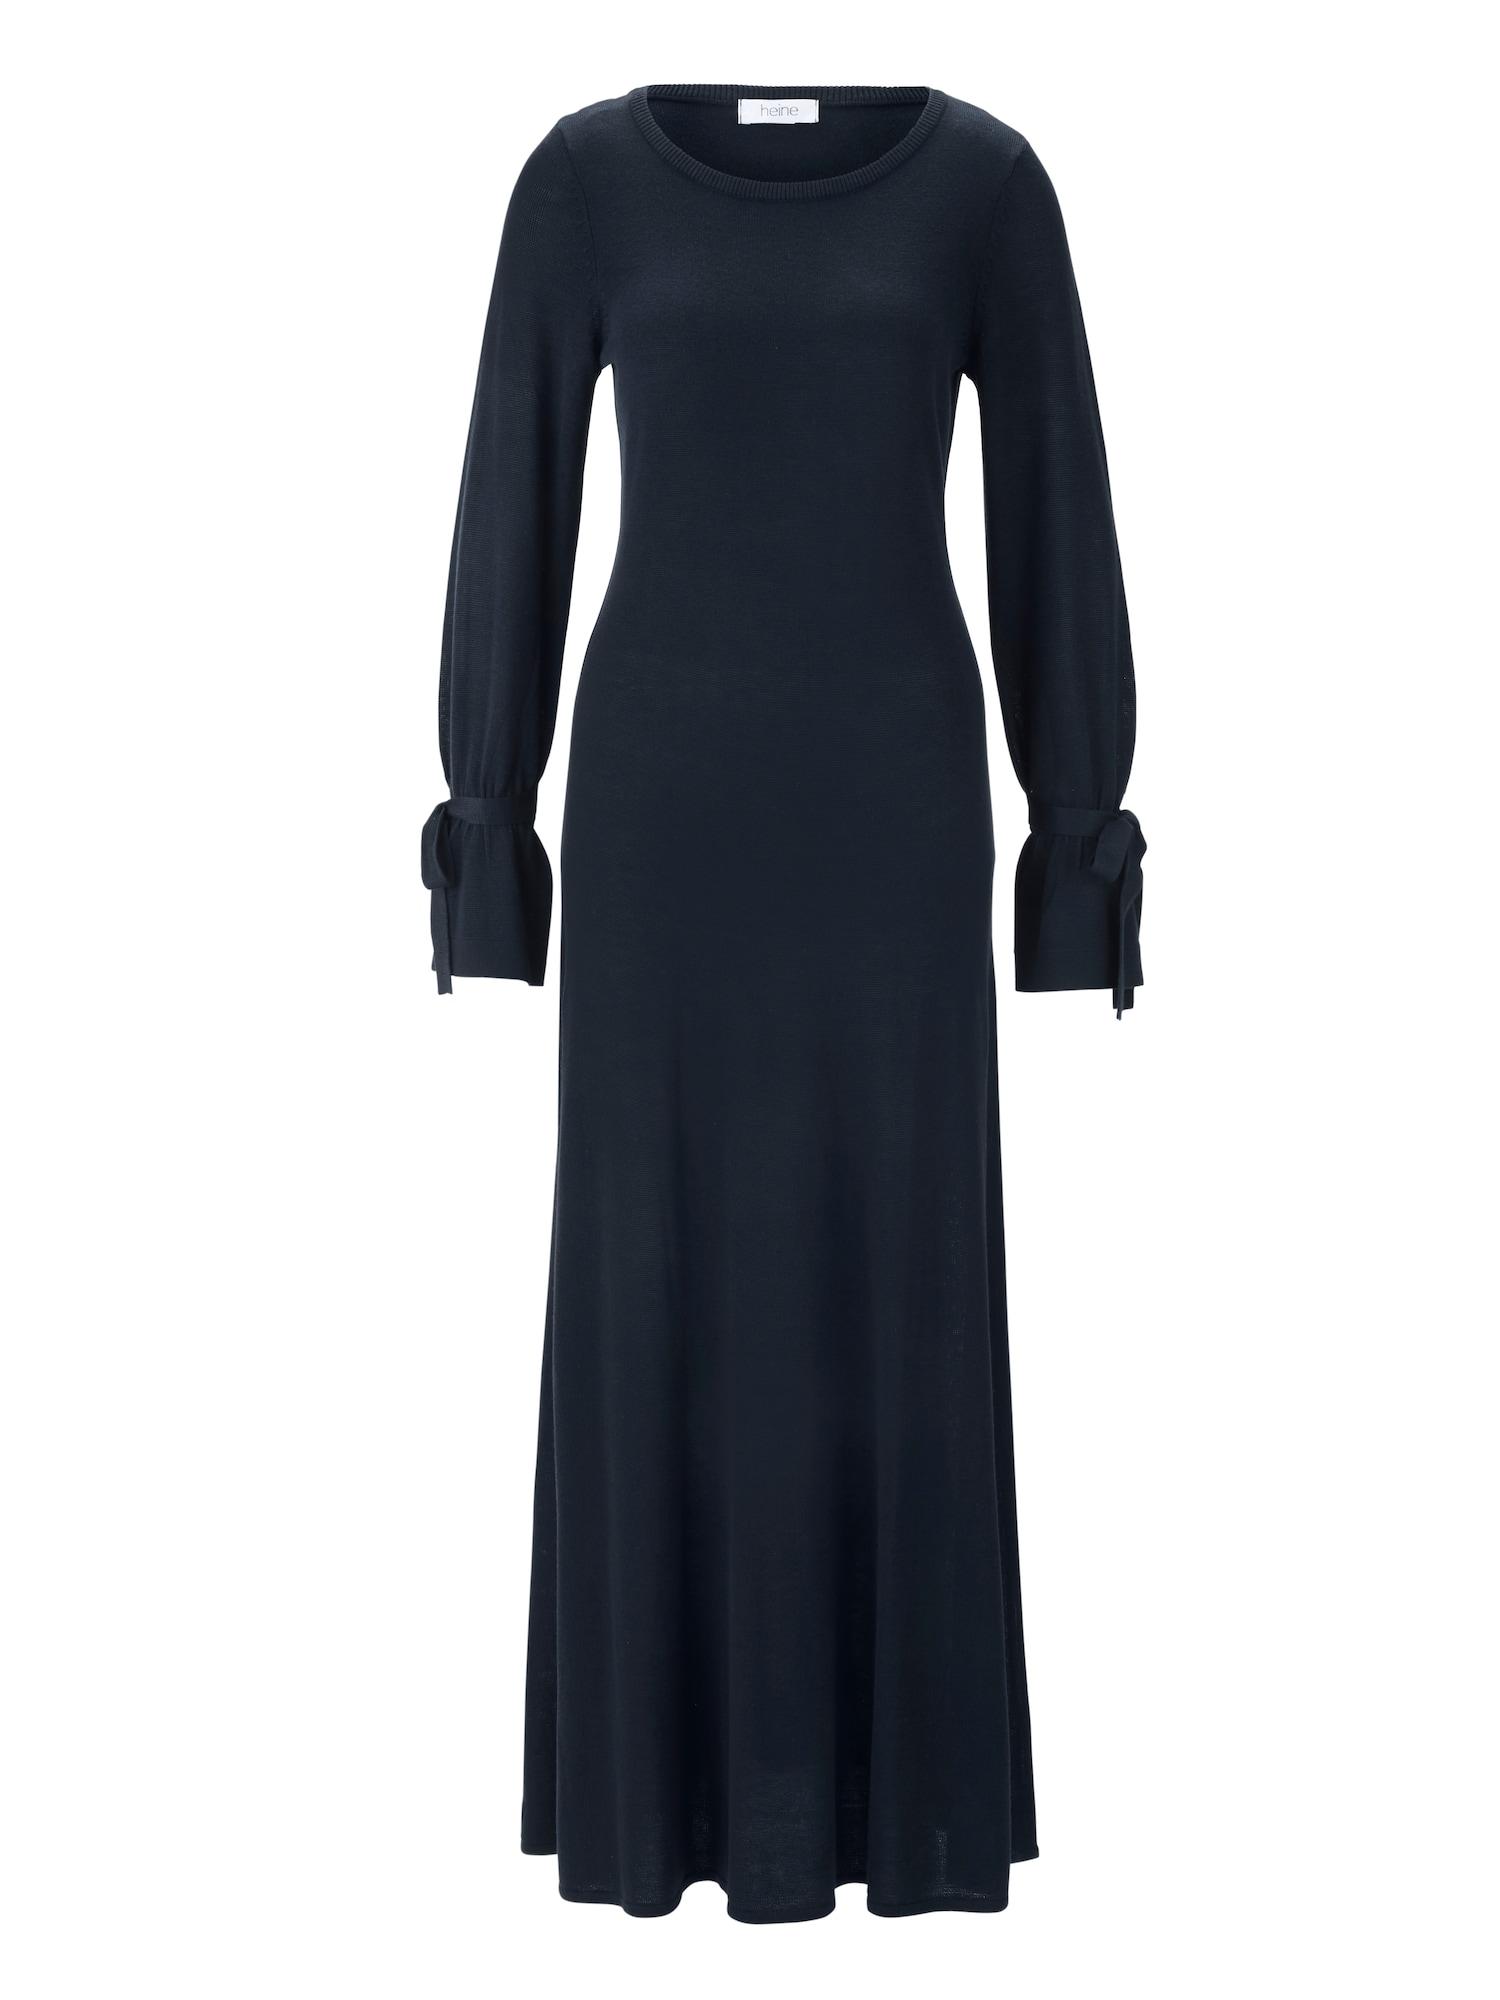 Úpletové šaty Strickkleid tmavě modrá Heine